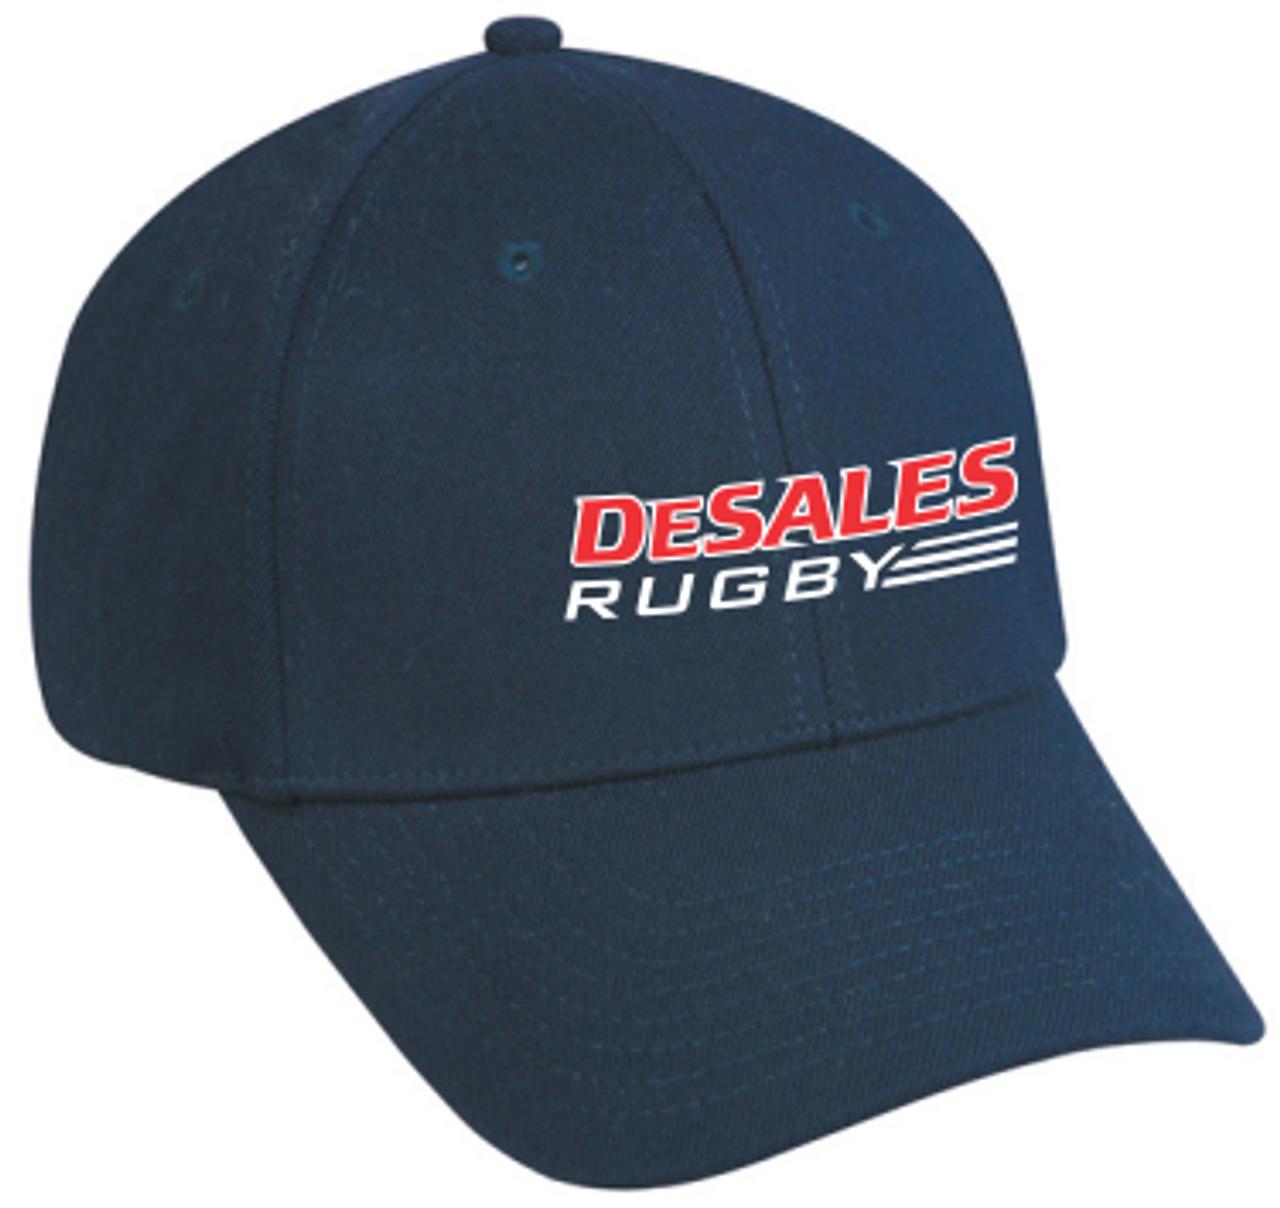 DeSales Rugby ProFlex Hat, Navy